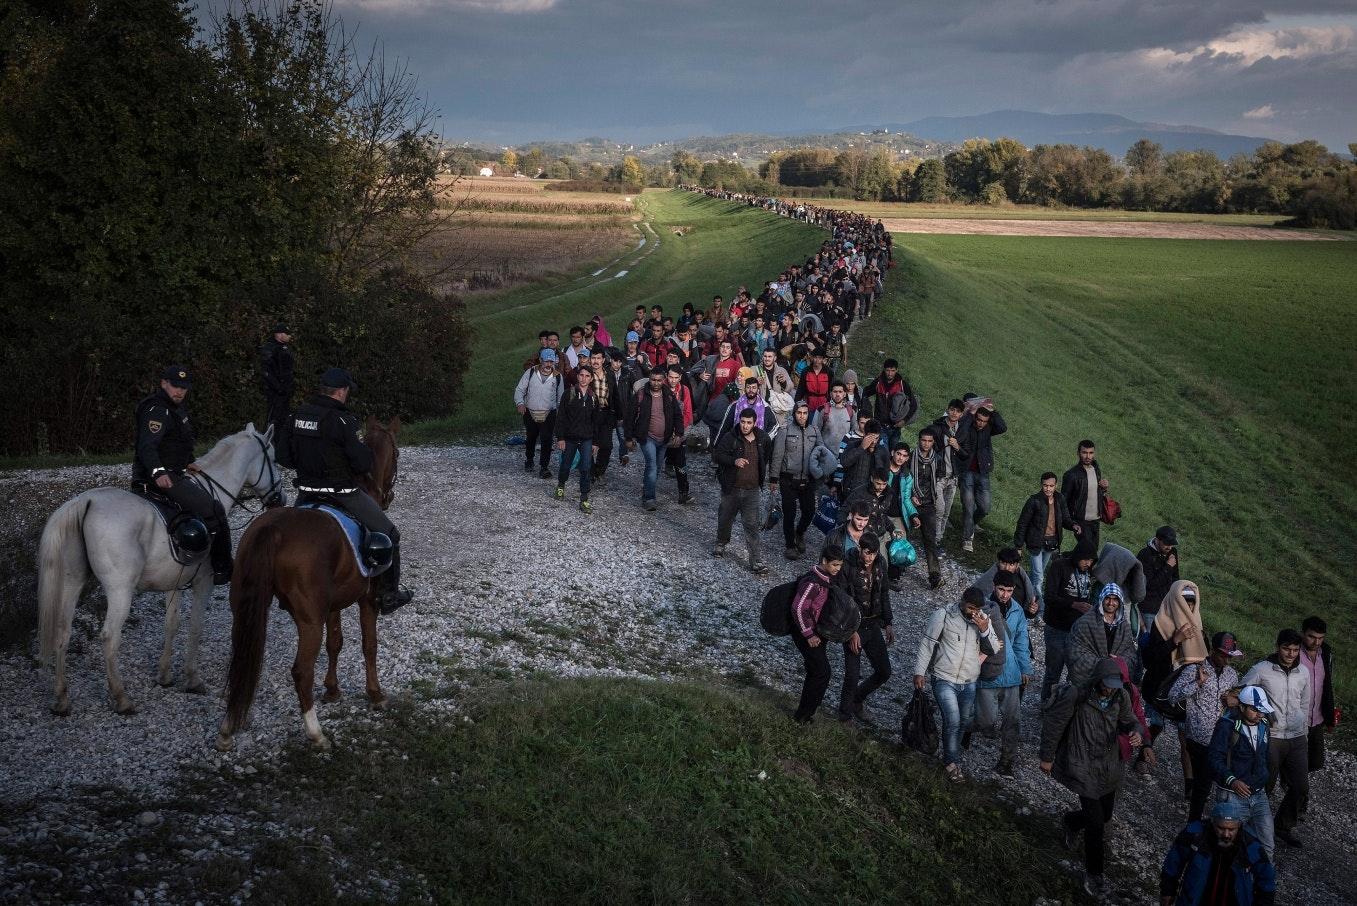 Le détournement massif du droit d'asile